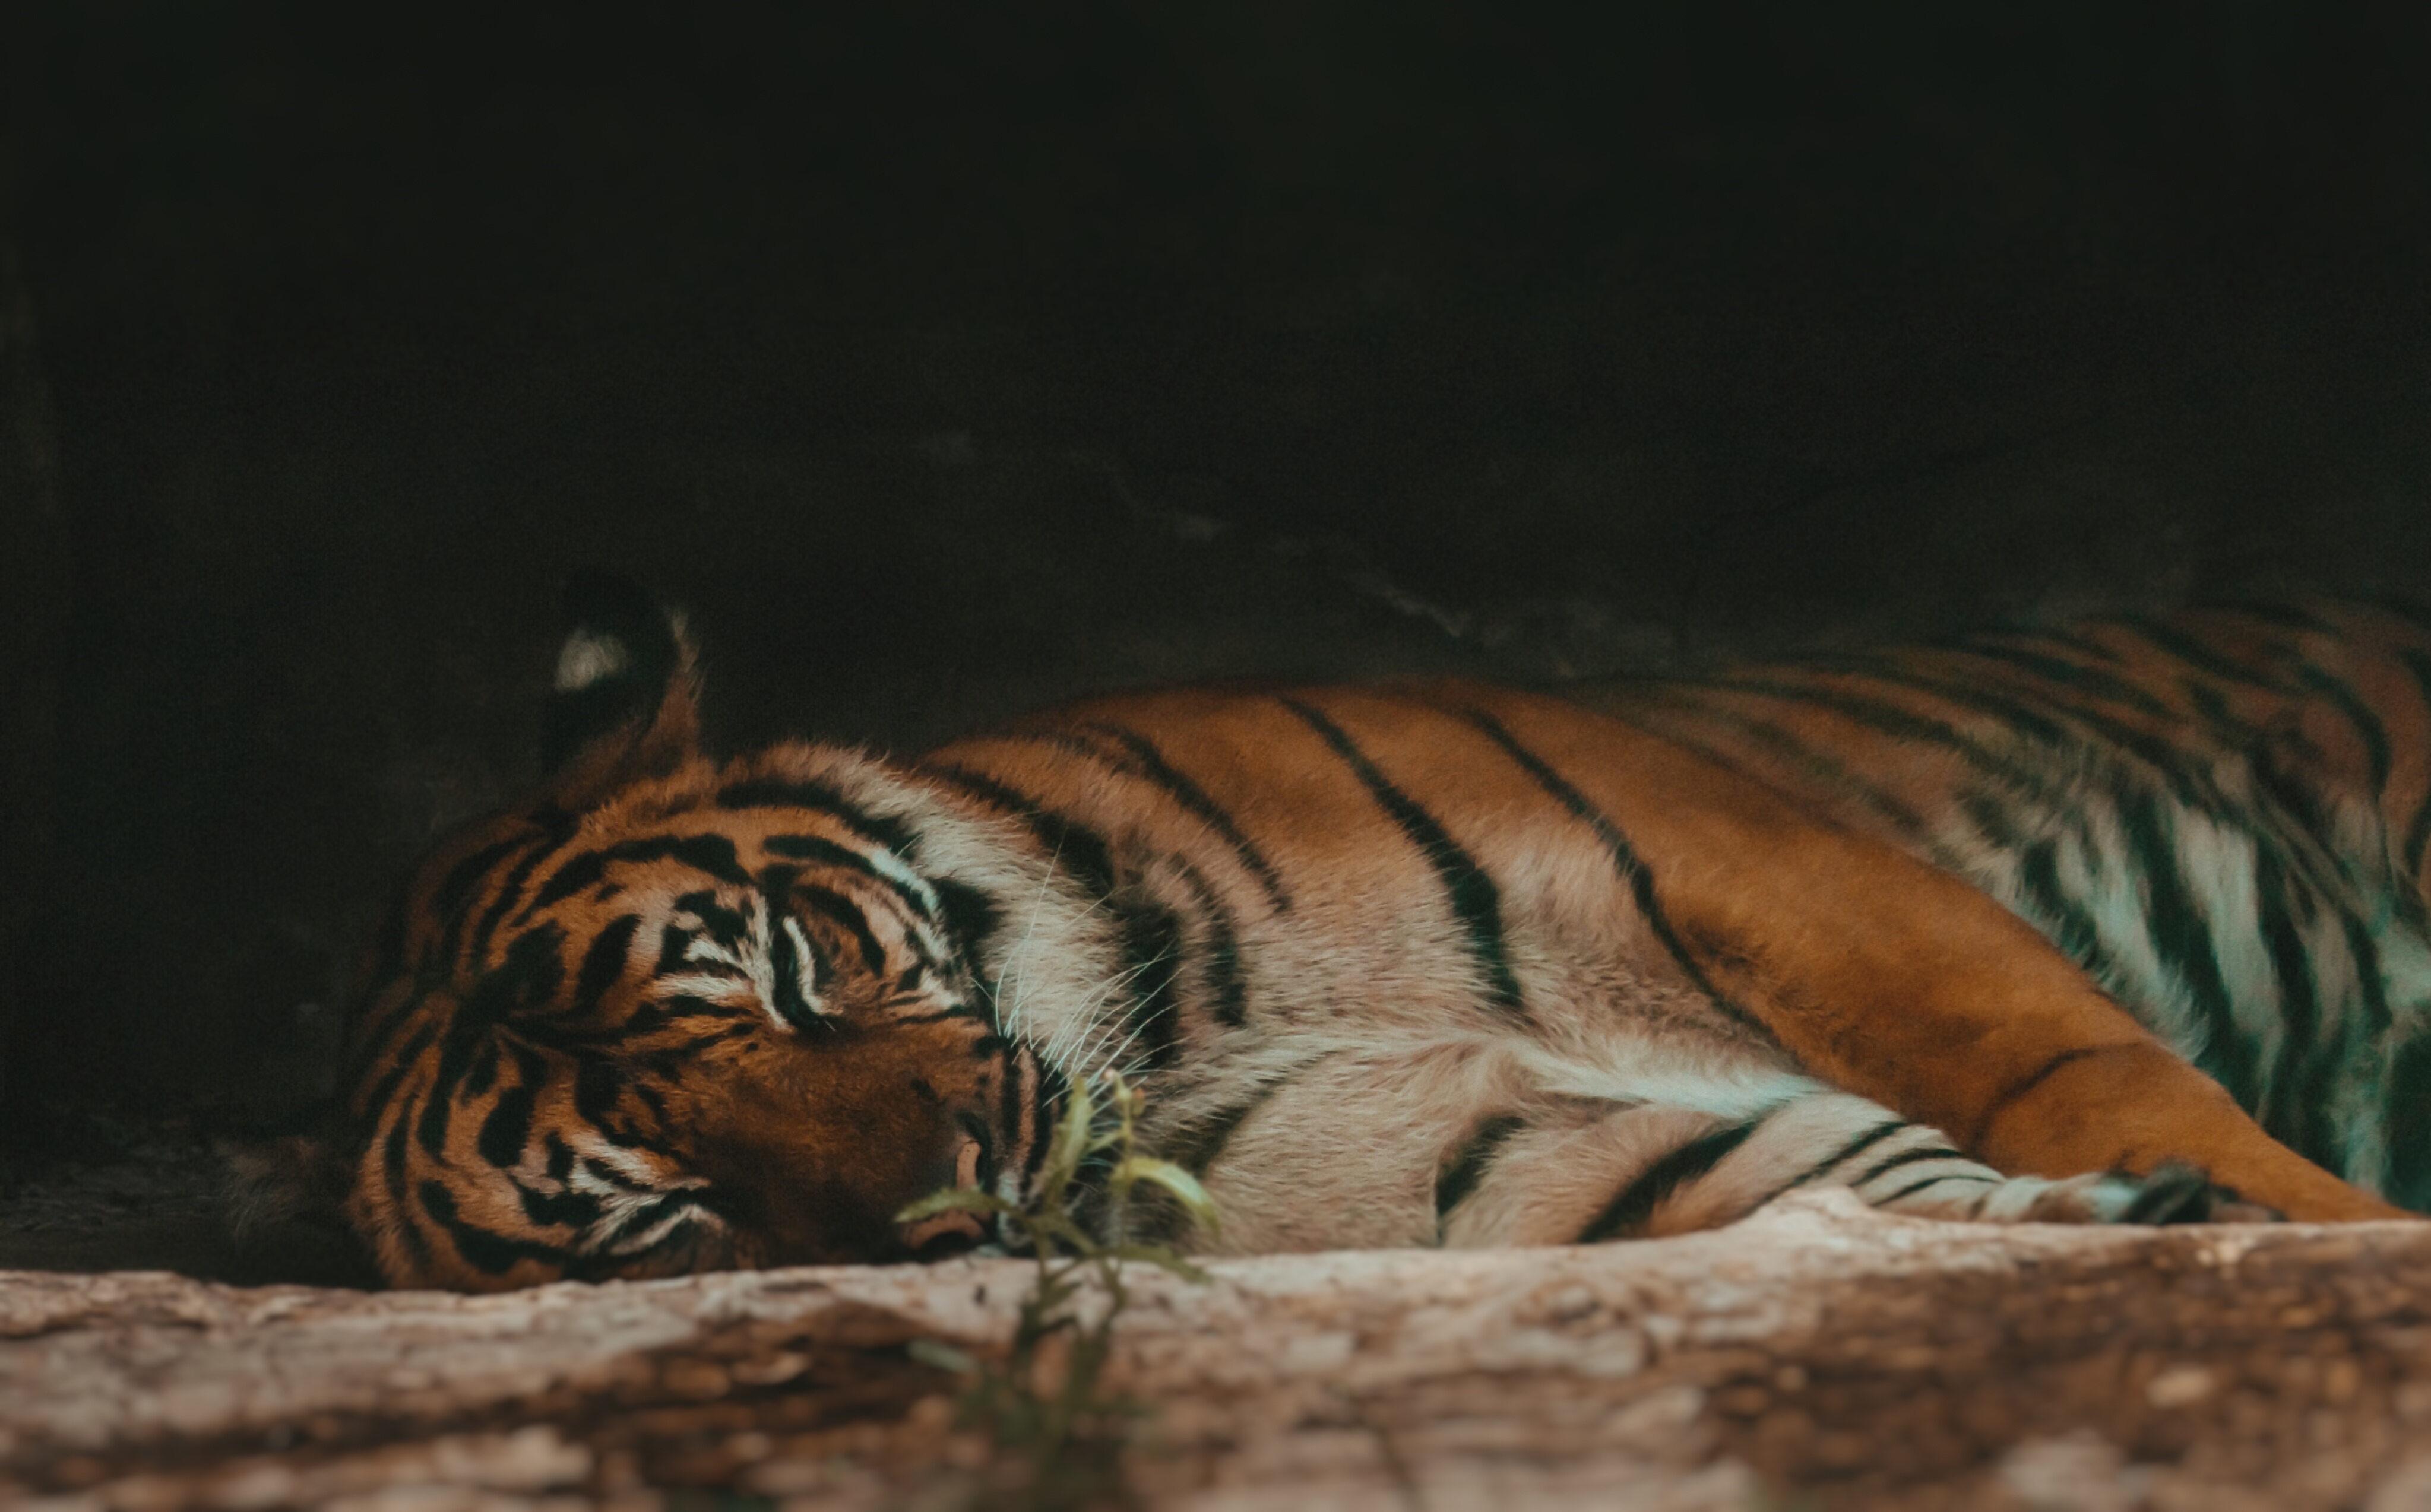 Tygrys malezyjski, zdjęcie ilustracyjne